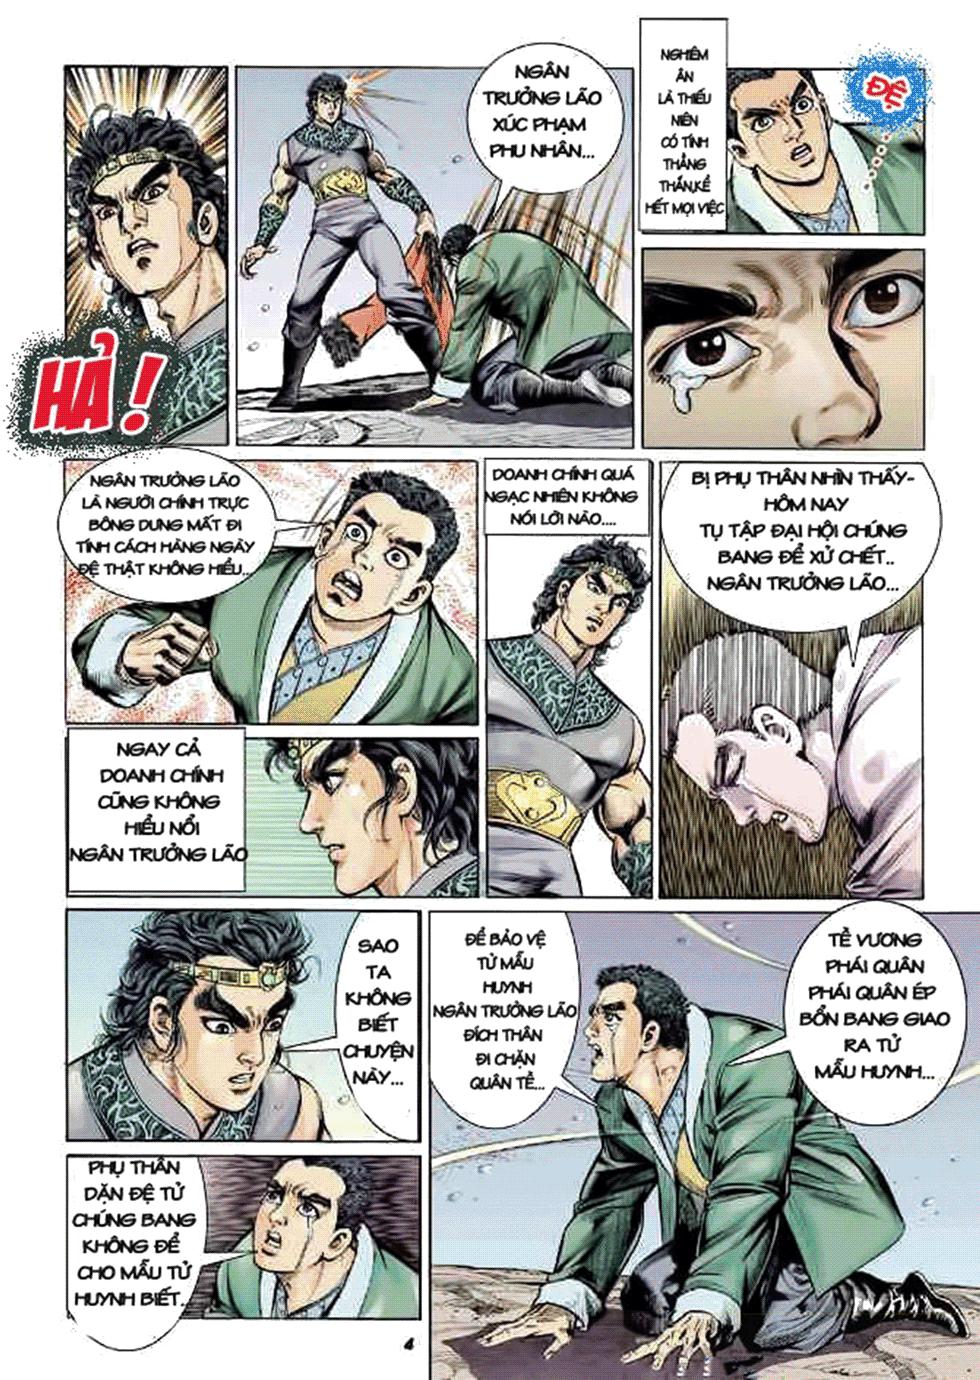 Tần Vương Doanh Chính chapter 8 trang 5